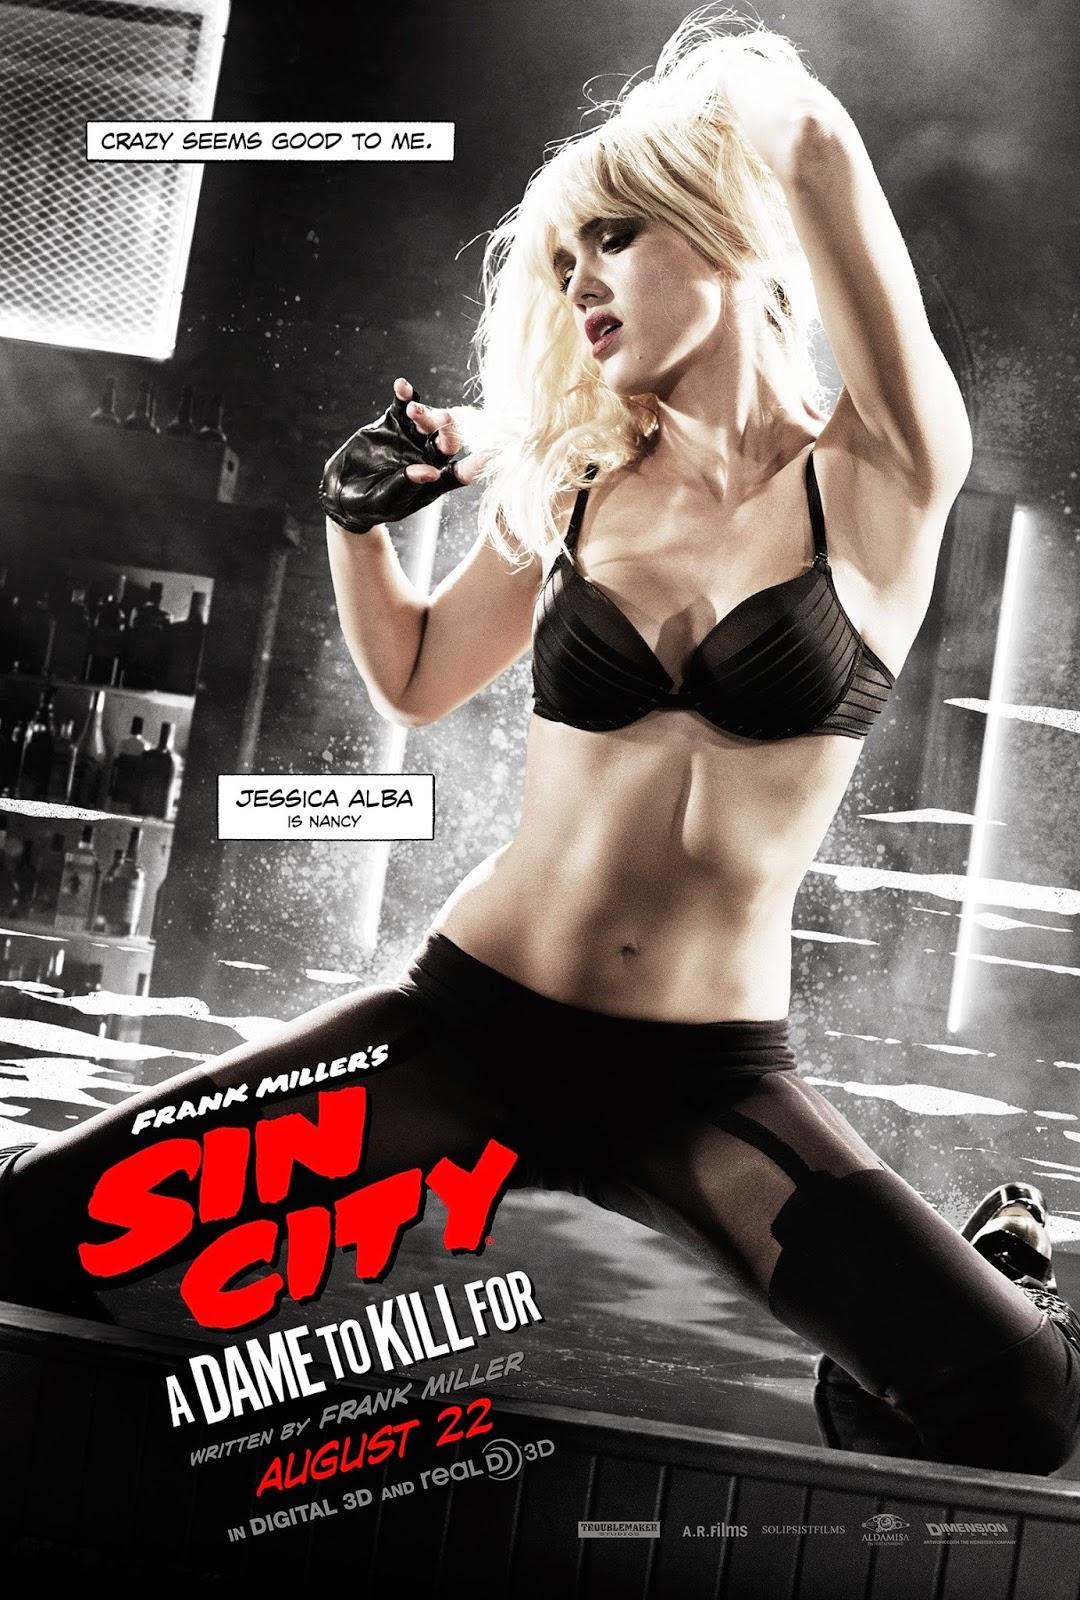 http://2.bp.blogspot.com/-FP5Iv5_FiL8/U31u7cxv7lI/AAAAAAAAV-U/yxFSZPcdqyM/s1600/Sin_City_A_Dame_To_Kill_For_Individual_Poster_d_JPosters.jpg